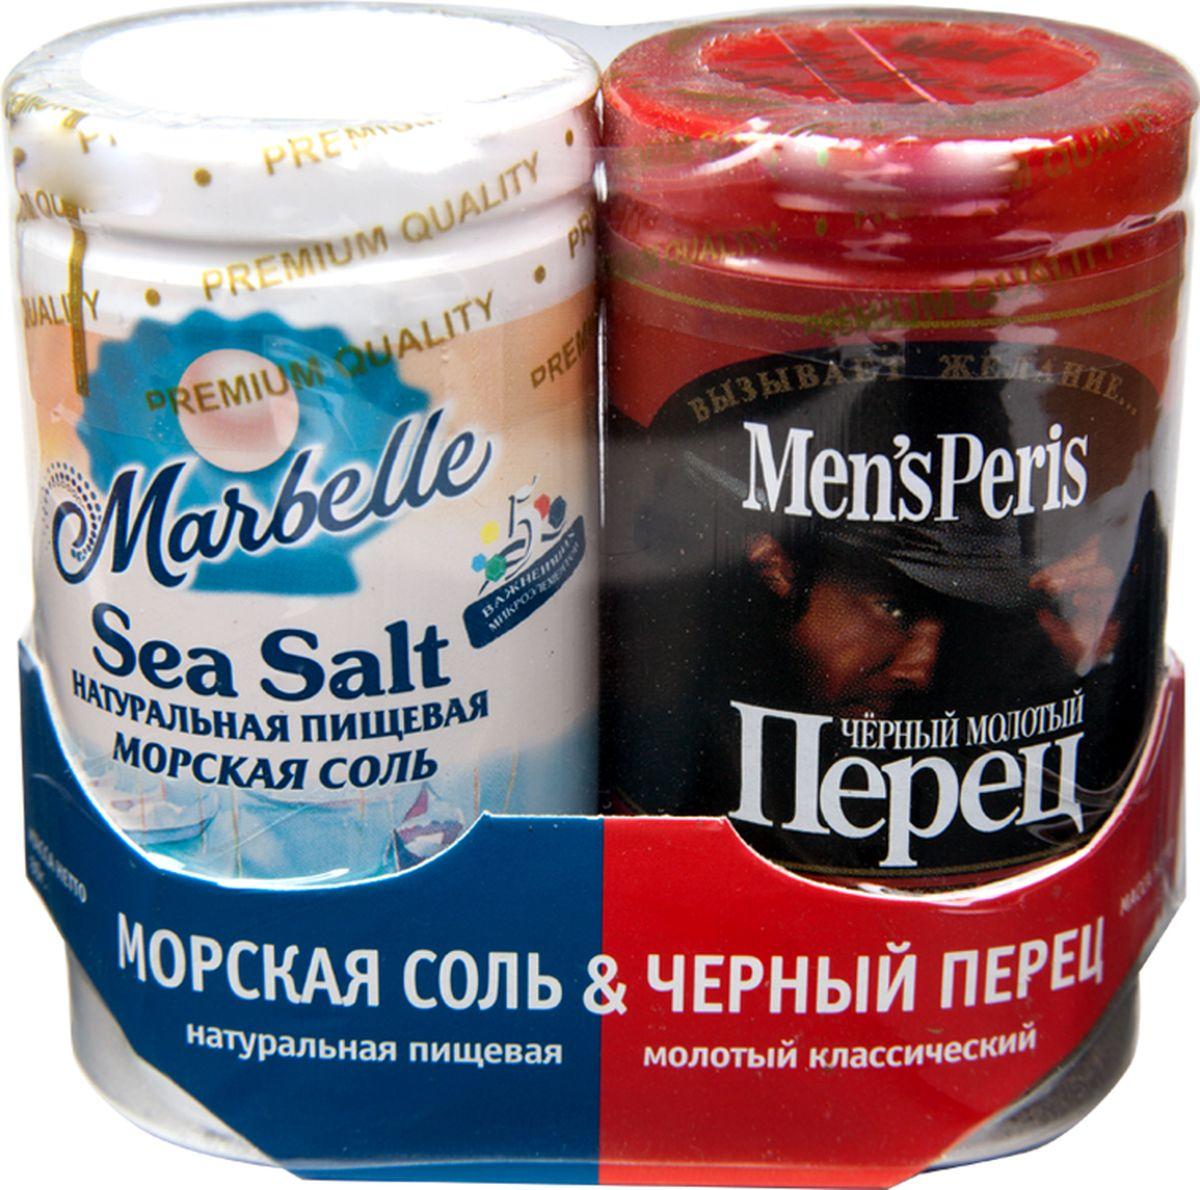 Marbellе набор соль морская и перец черный, 115 г0120710Соль и перец — два самых востребованных ингредиента на кухне. Они добавляются при приготовлении практически любых видов продуктов — мяса, рыбы, птицы, овощей.